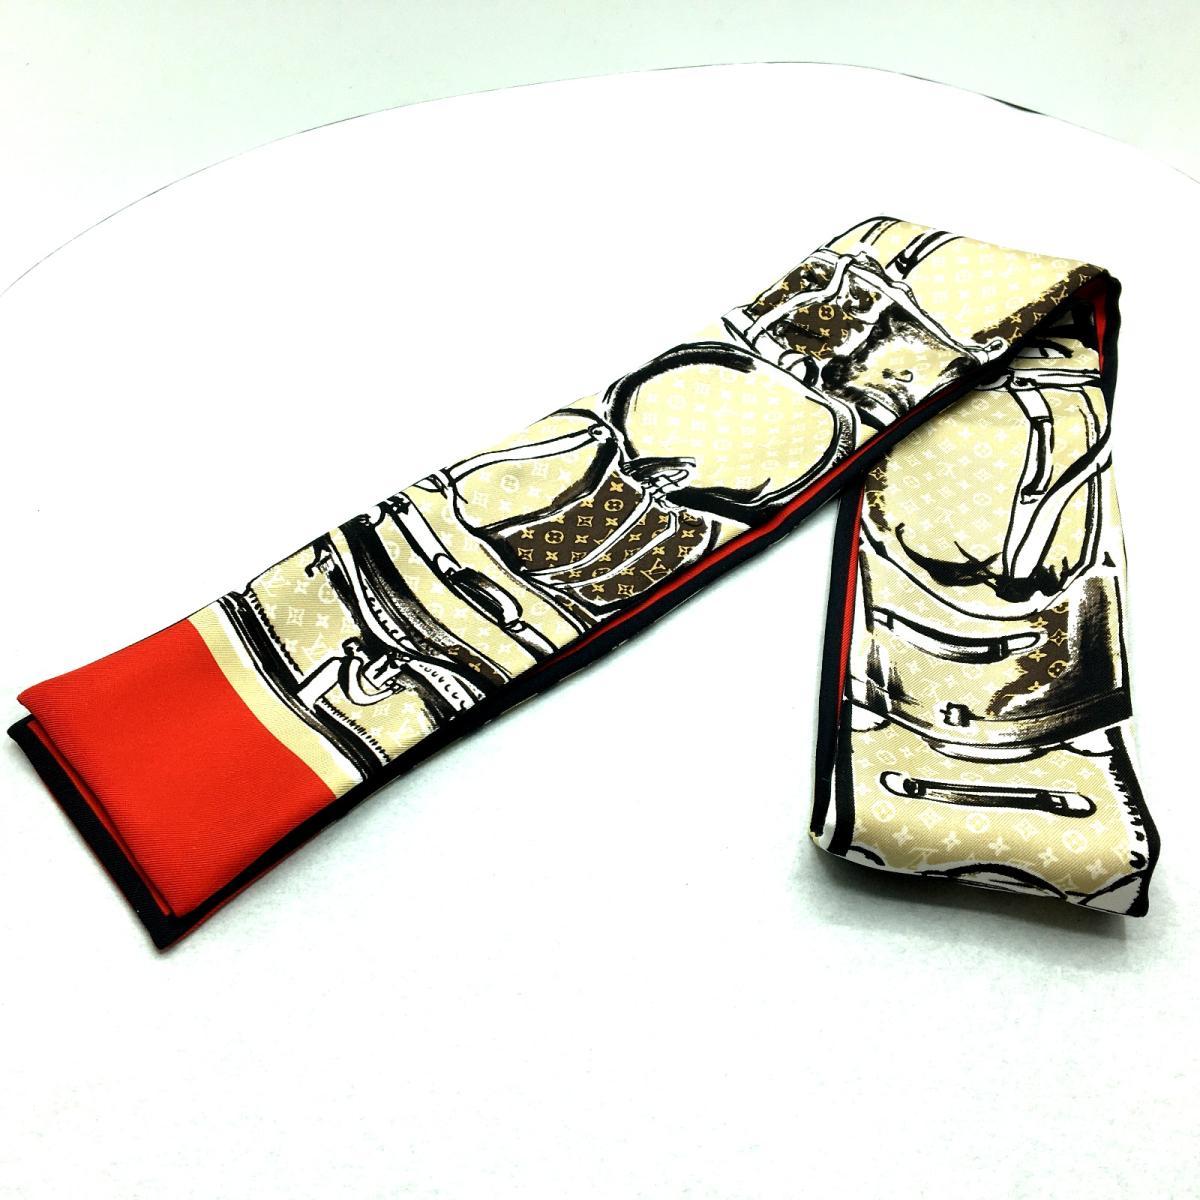 【特価商品】LOUIS VUITTON(ルイ・ヴィトン)/バンドー スカーフ レディース/スカーフ/赤系/レッド系×ベージュ系/シルク/【ランクA】(M73964)【中古】ルイヴィトン